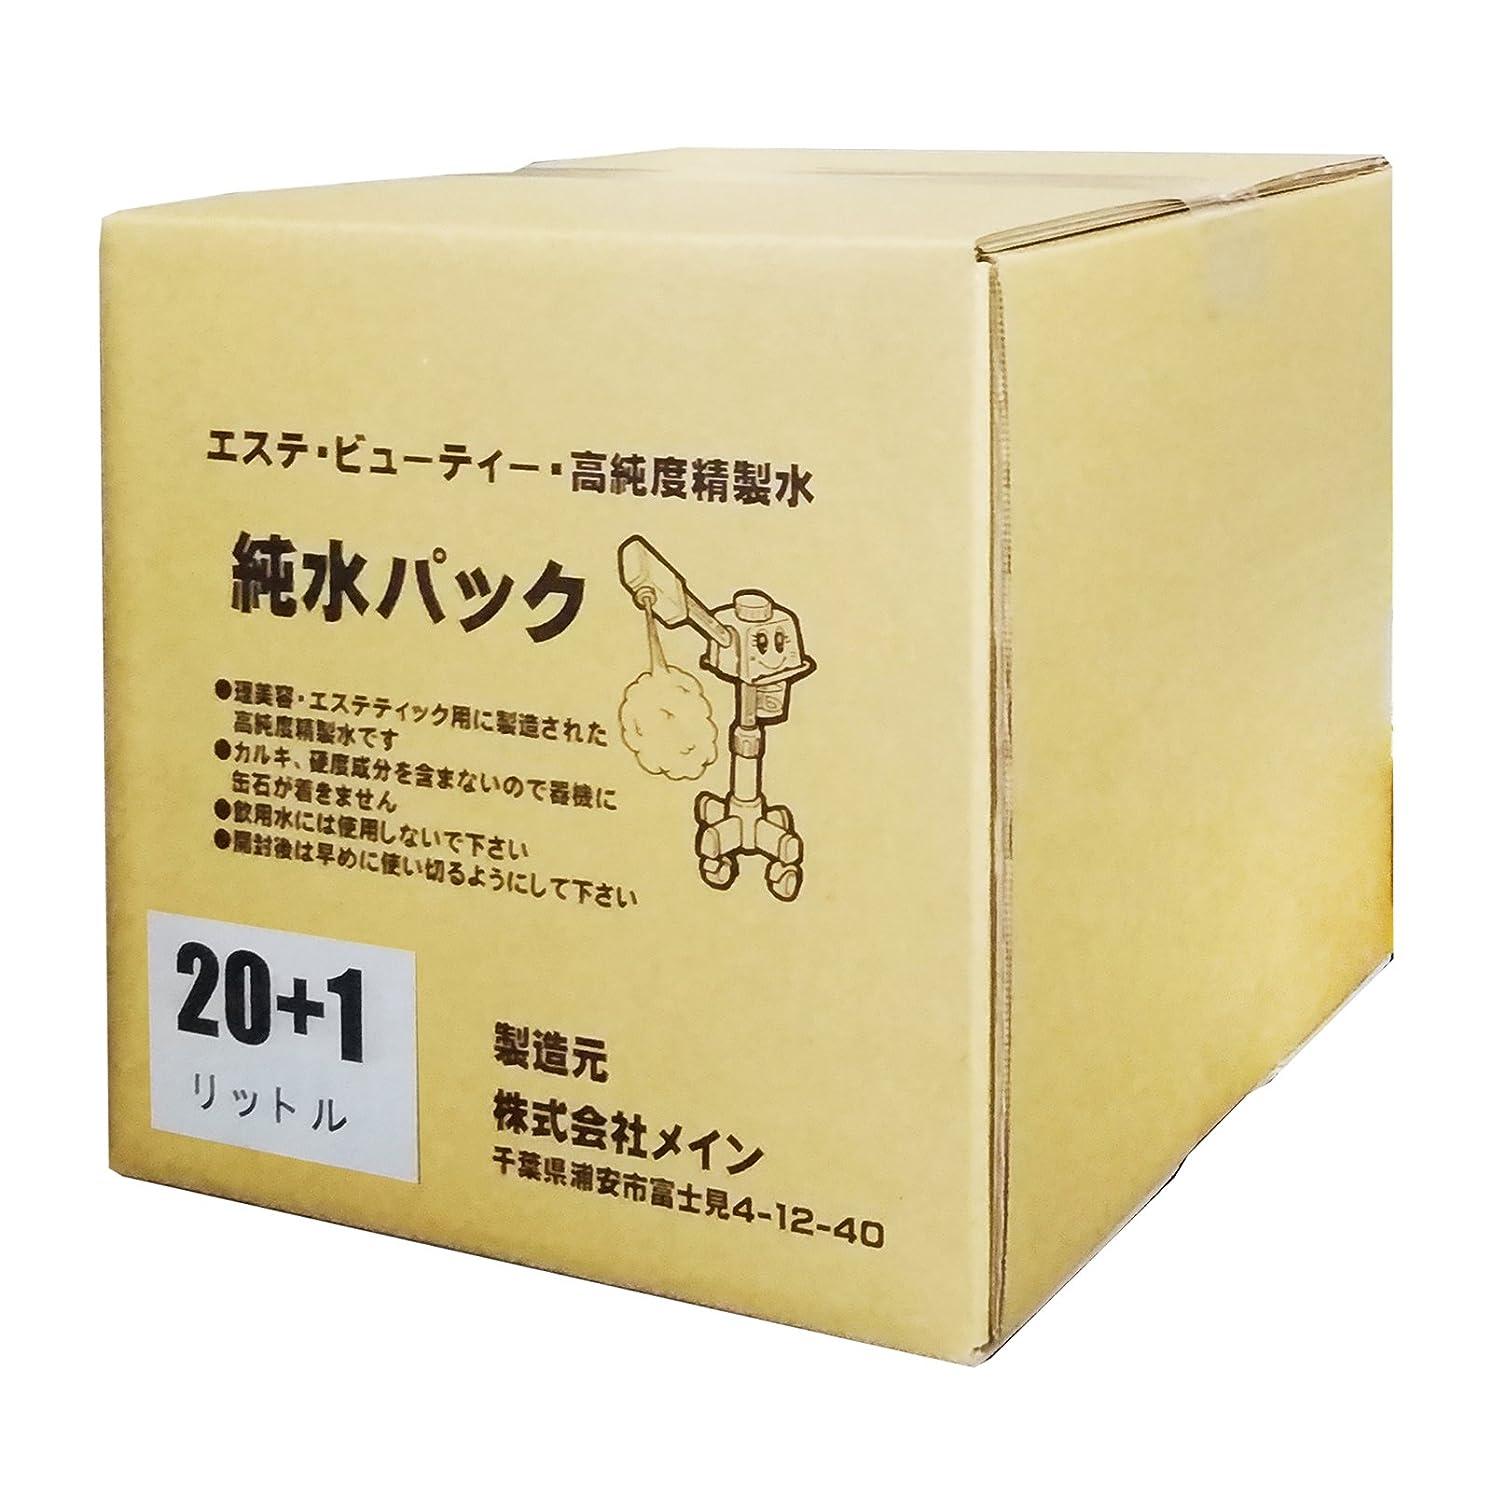 宣言喪眠り増量中 21L 高純度 精製水 20 L + 1L 純水パック コック付 日本製 エステ スチーマー (1個)